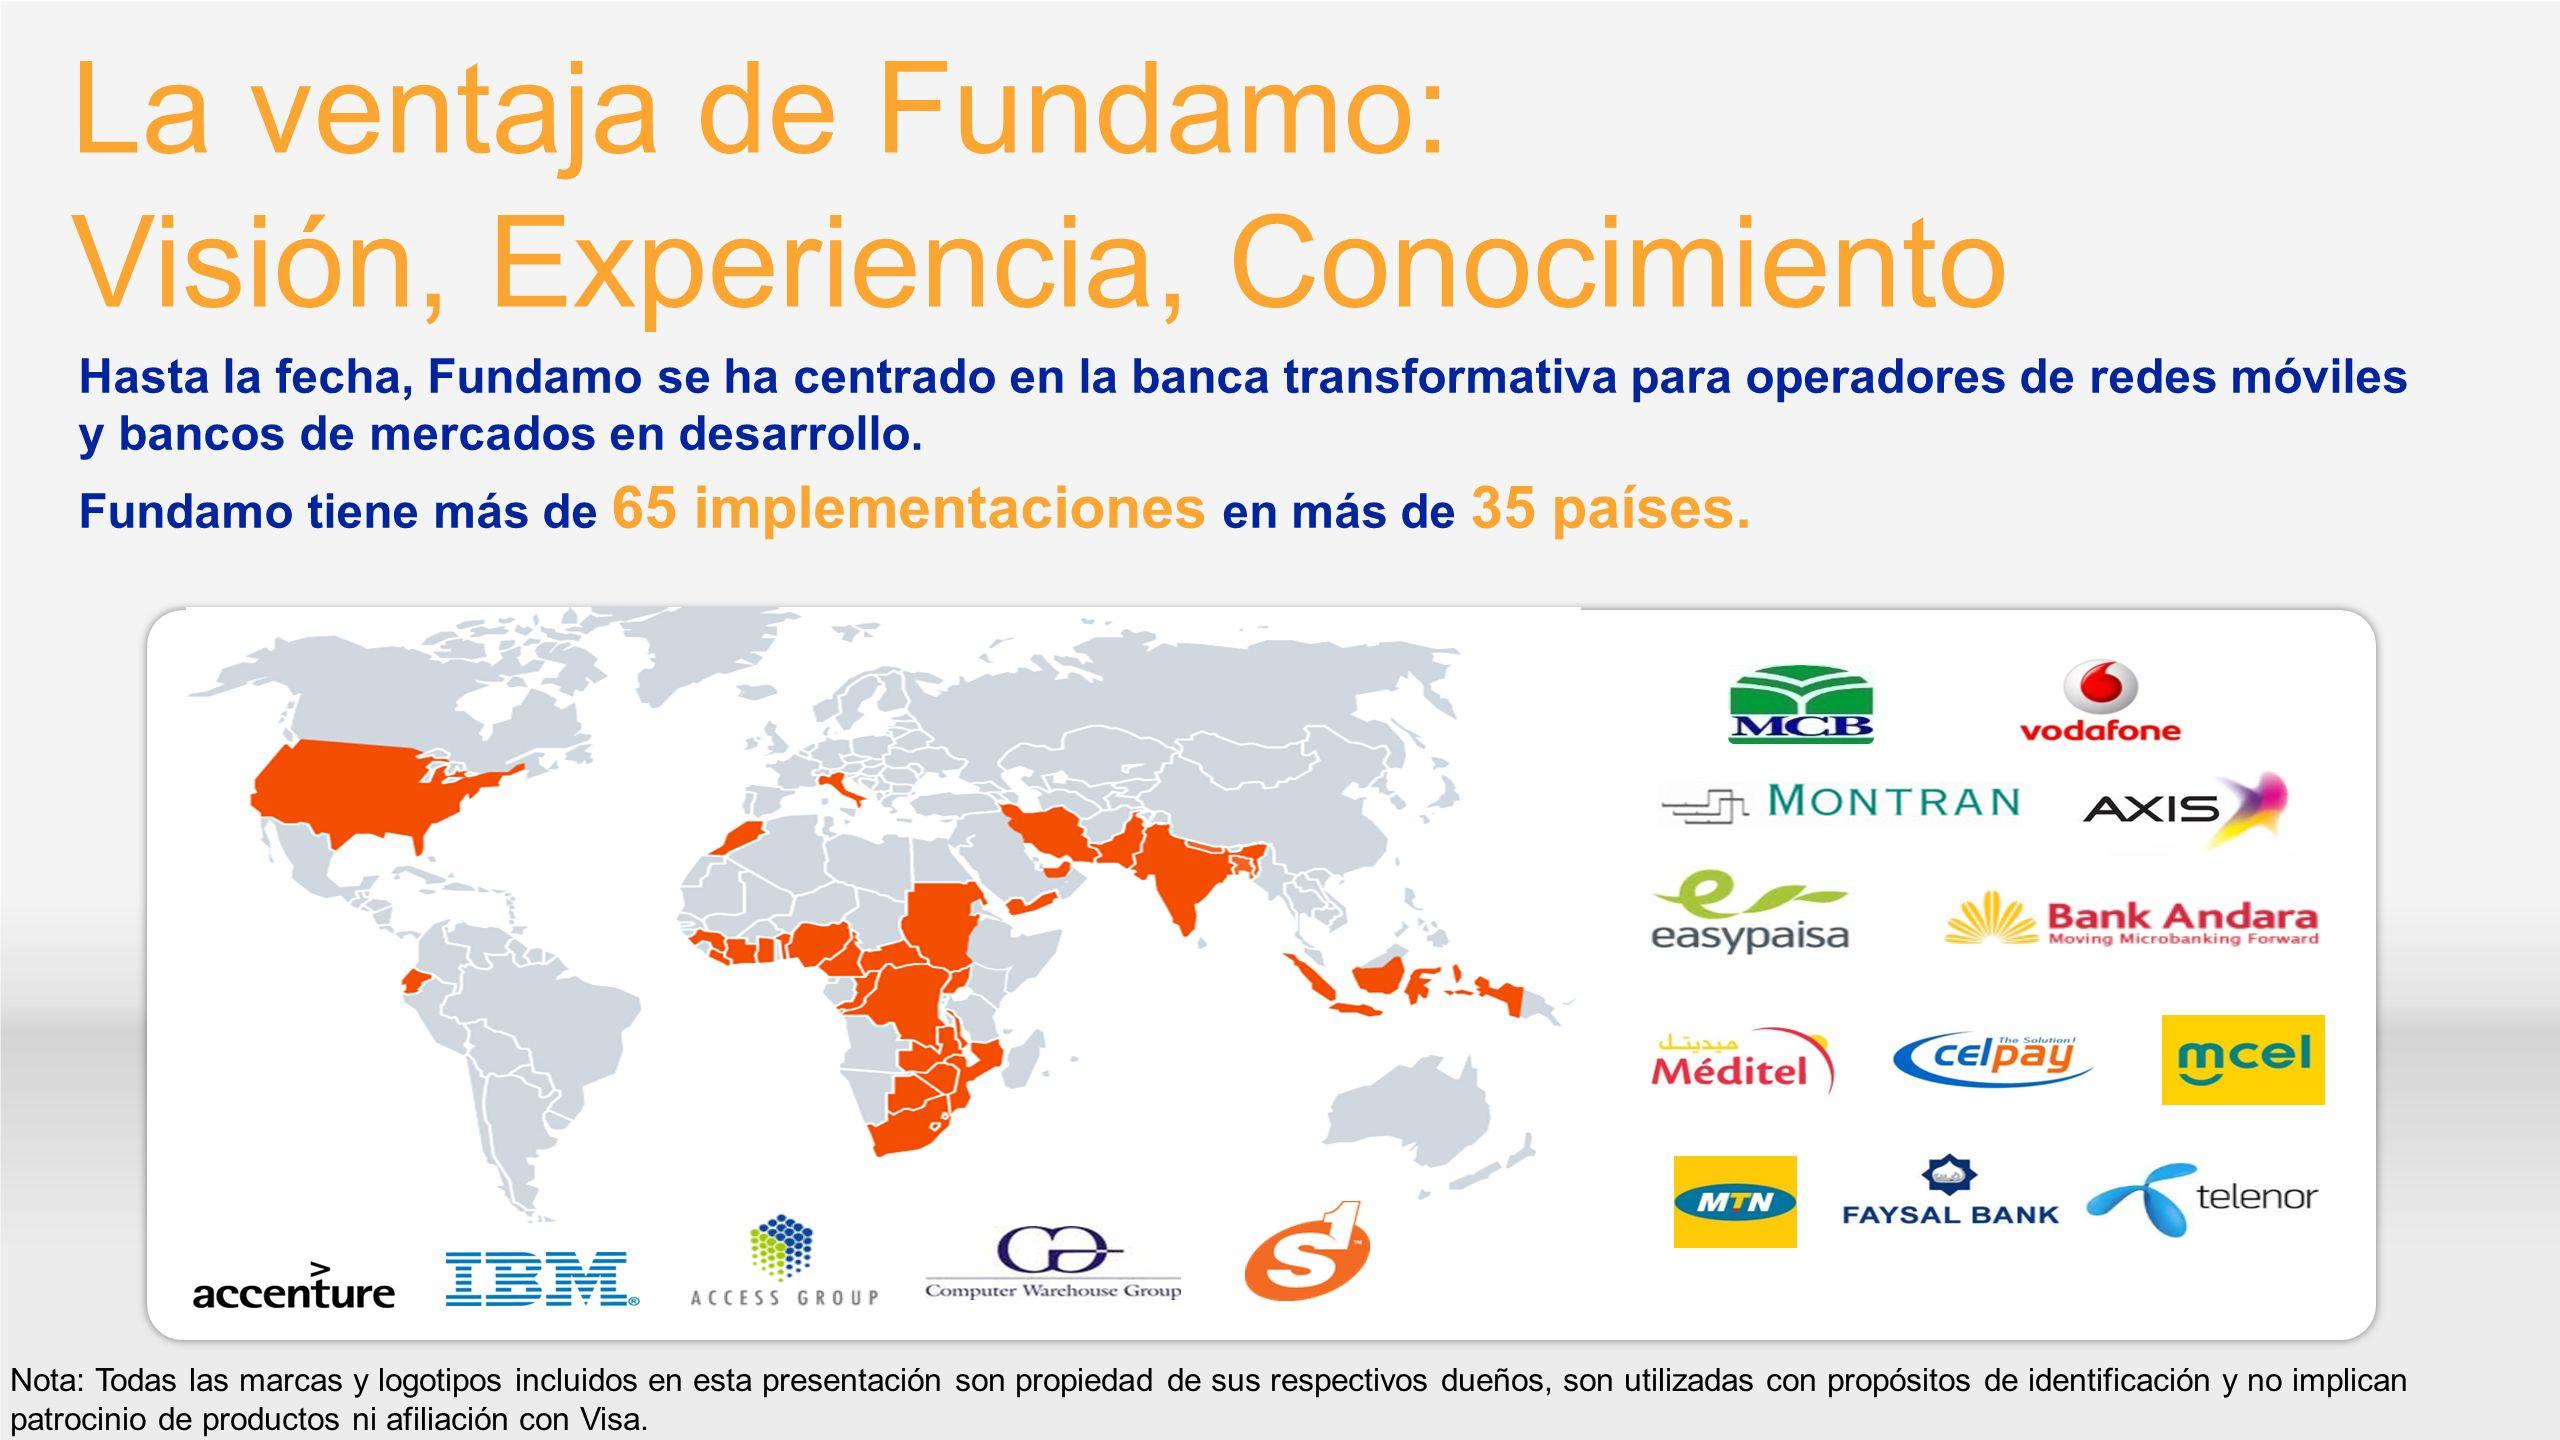 Fundamo Enterprise Platform Construir un ecosistema es clave Visa Public